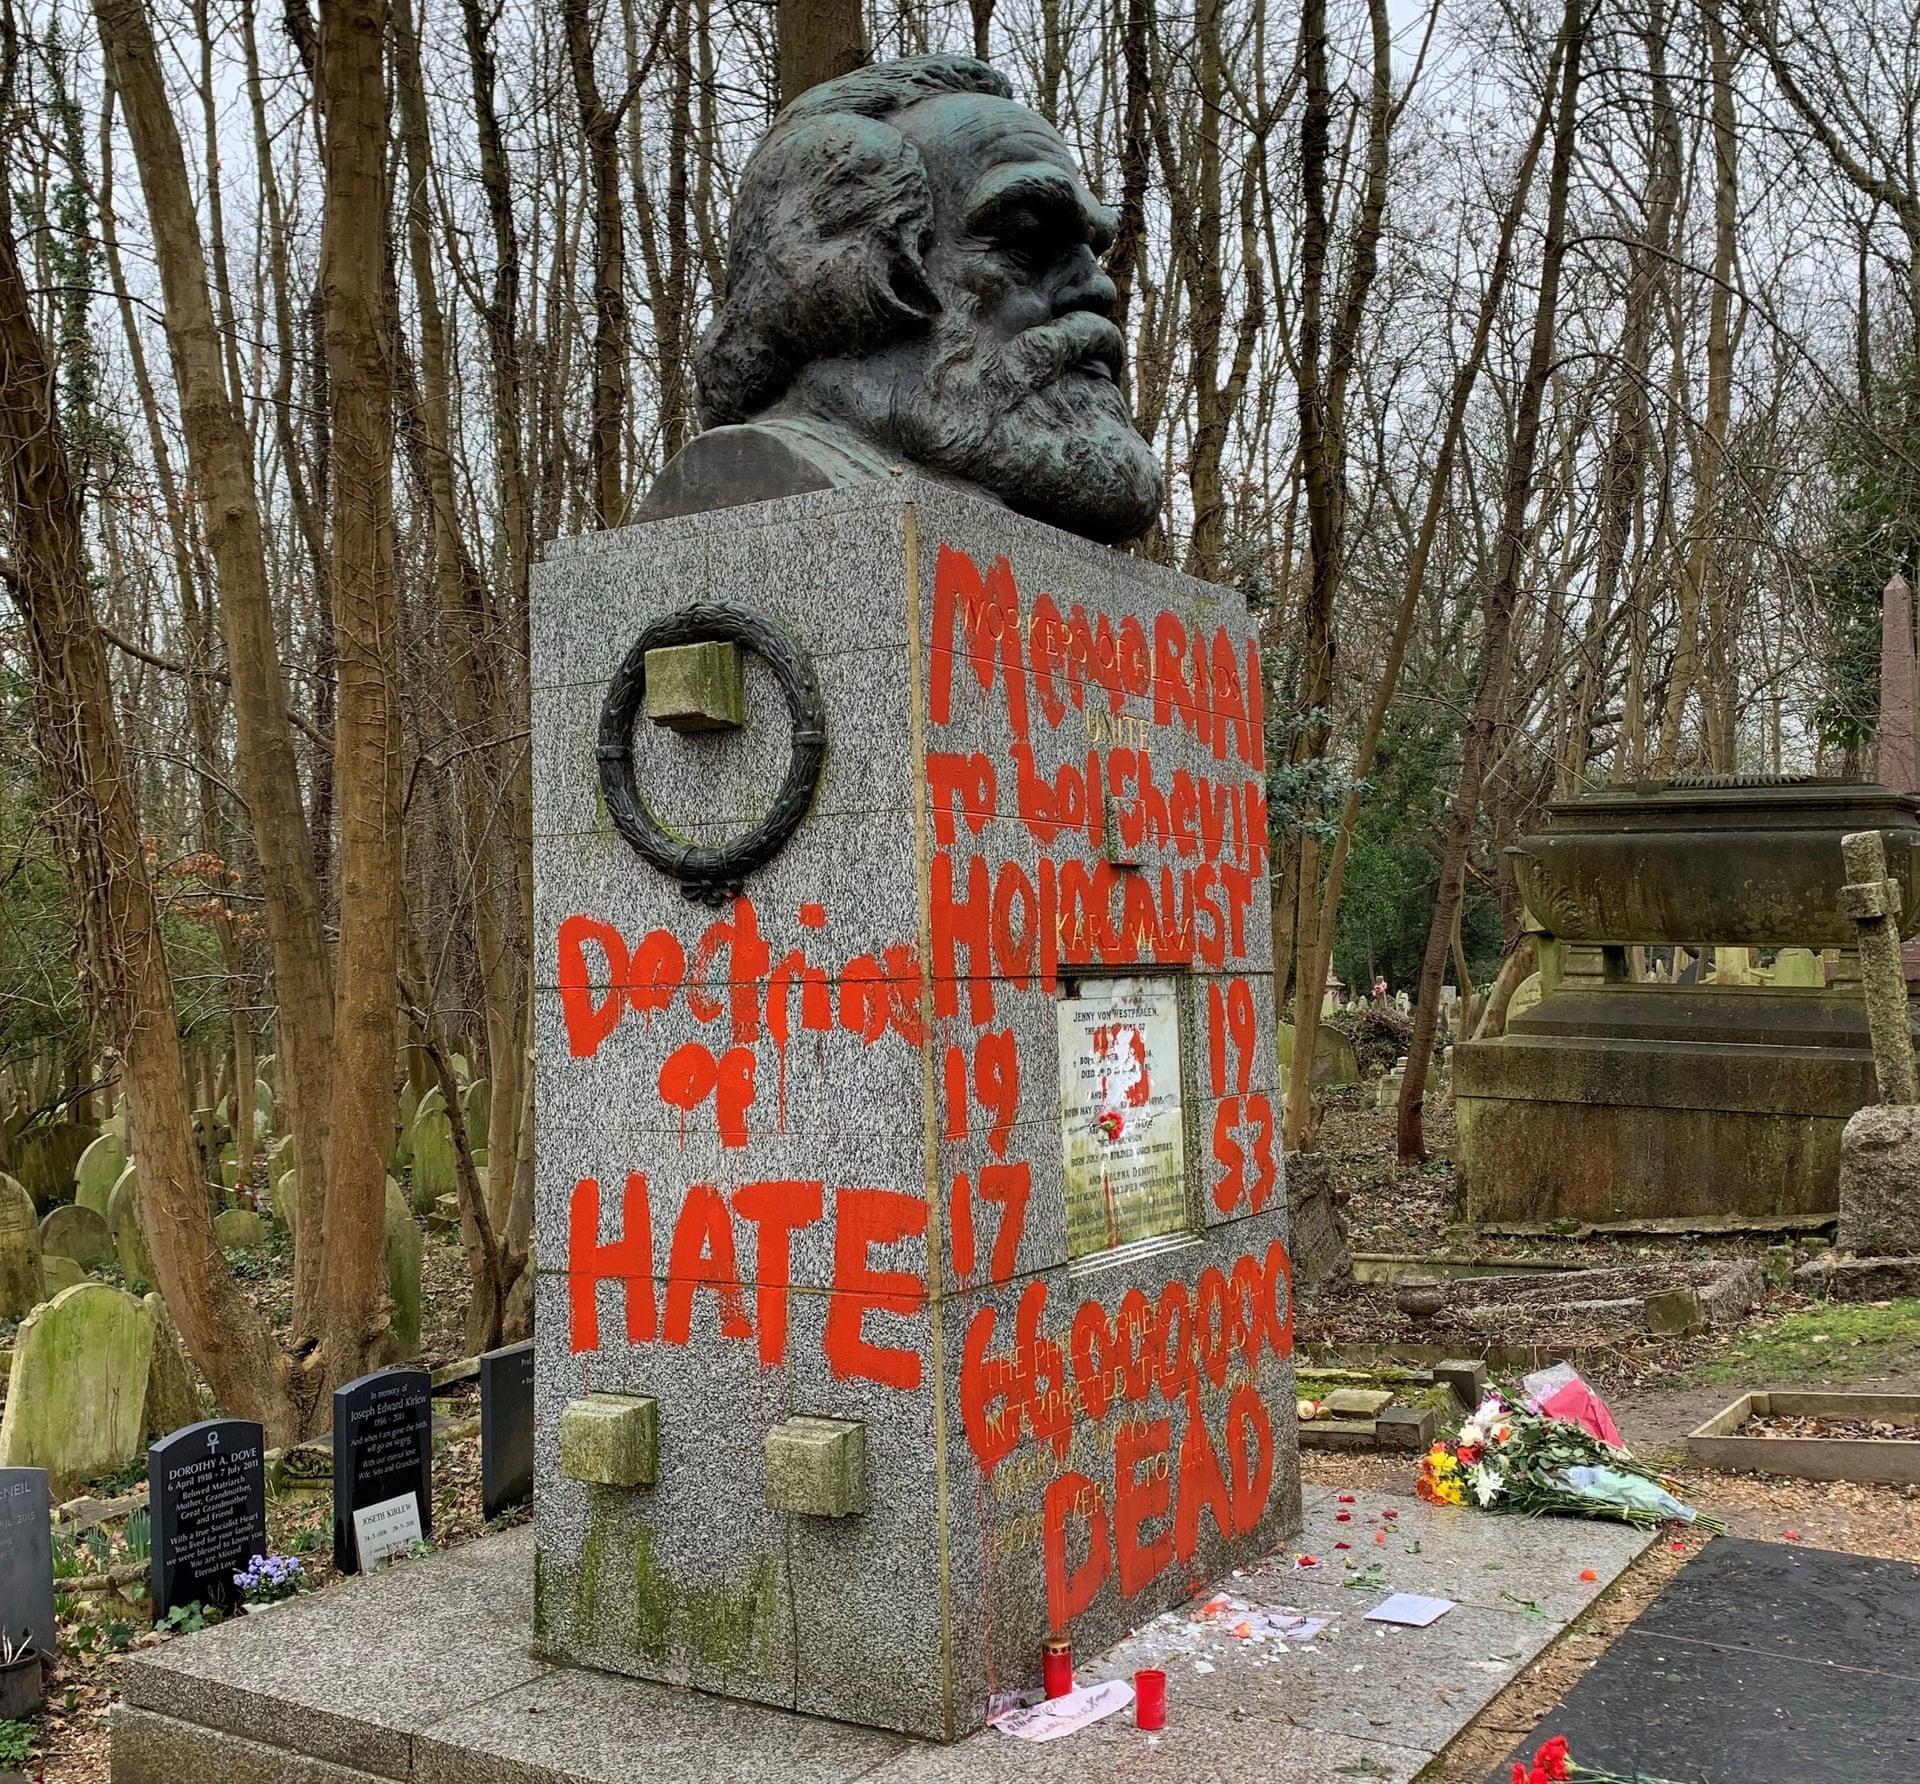 Слова «доктрина ненависти» и «архитектор геноцида» были намалёваны красной краской на памятнике, занесенном в список мемориалов I степени. Фото: Максвелл Blowfield / PA.